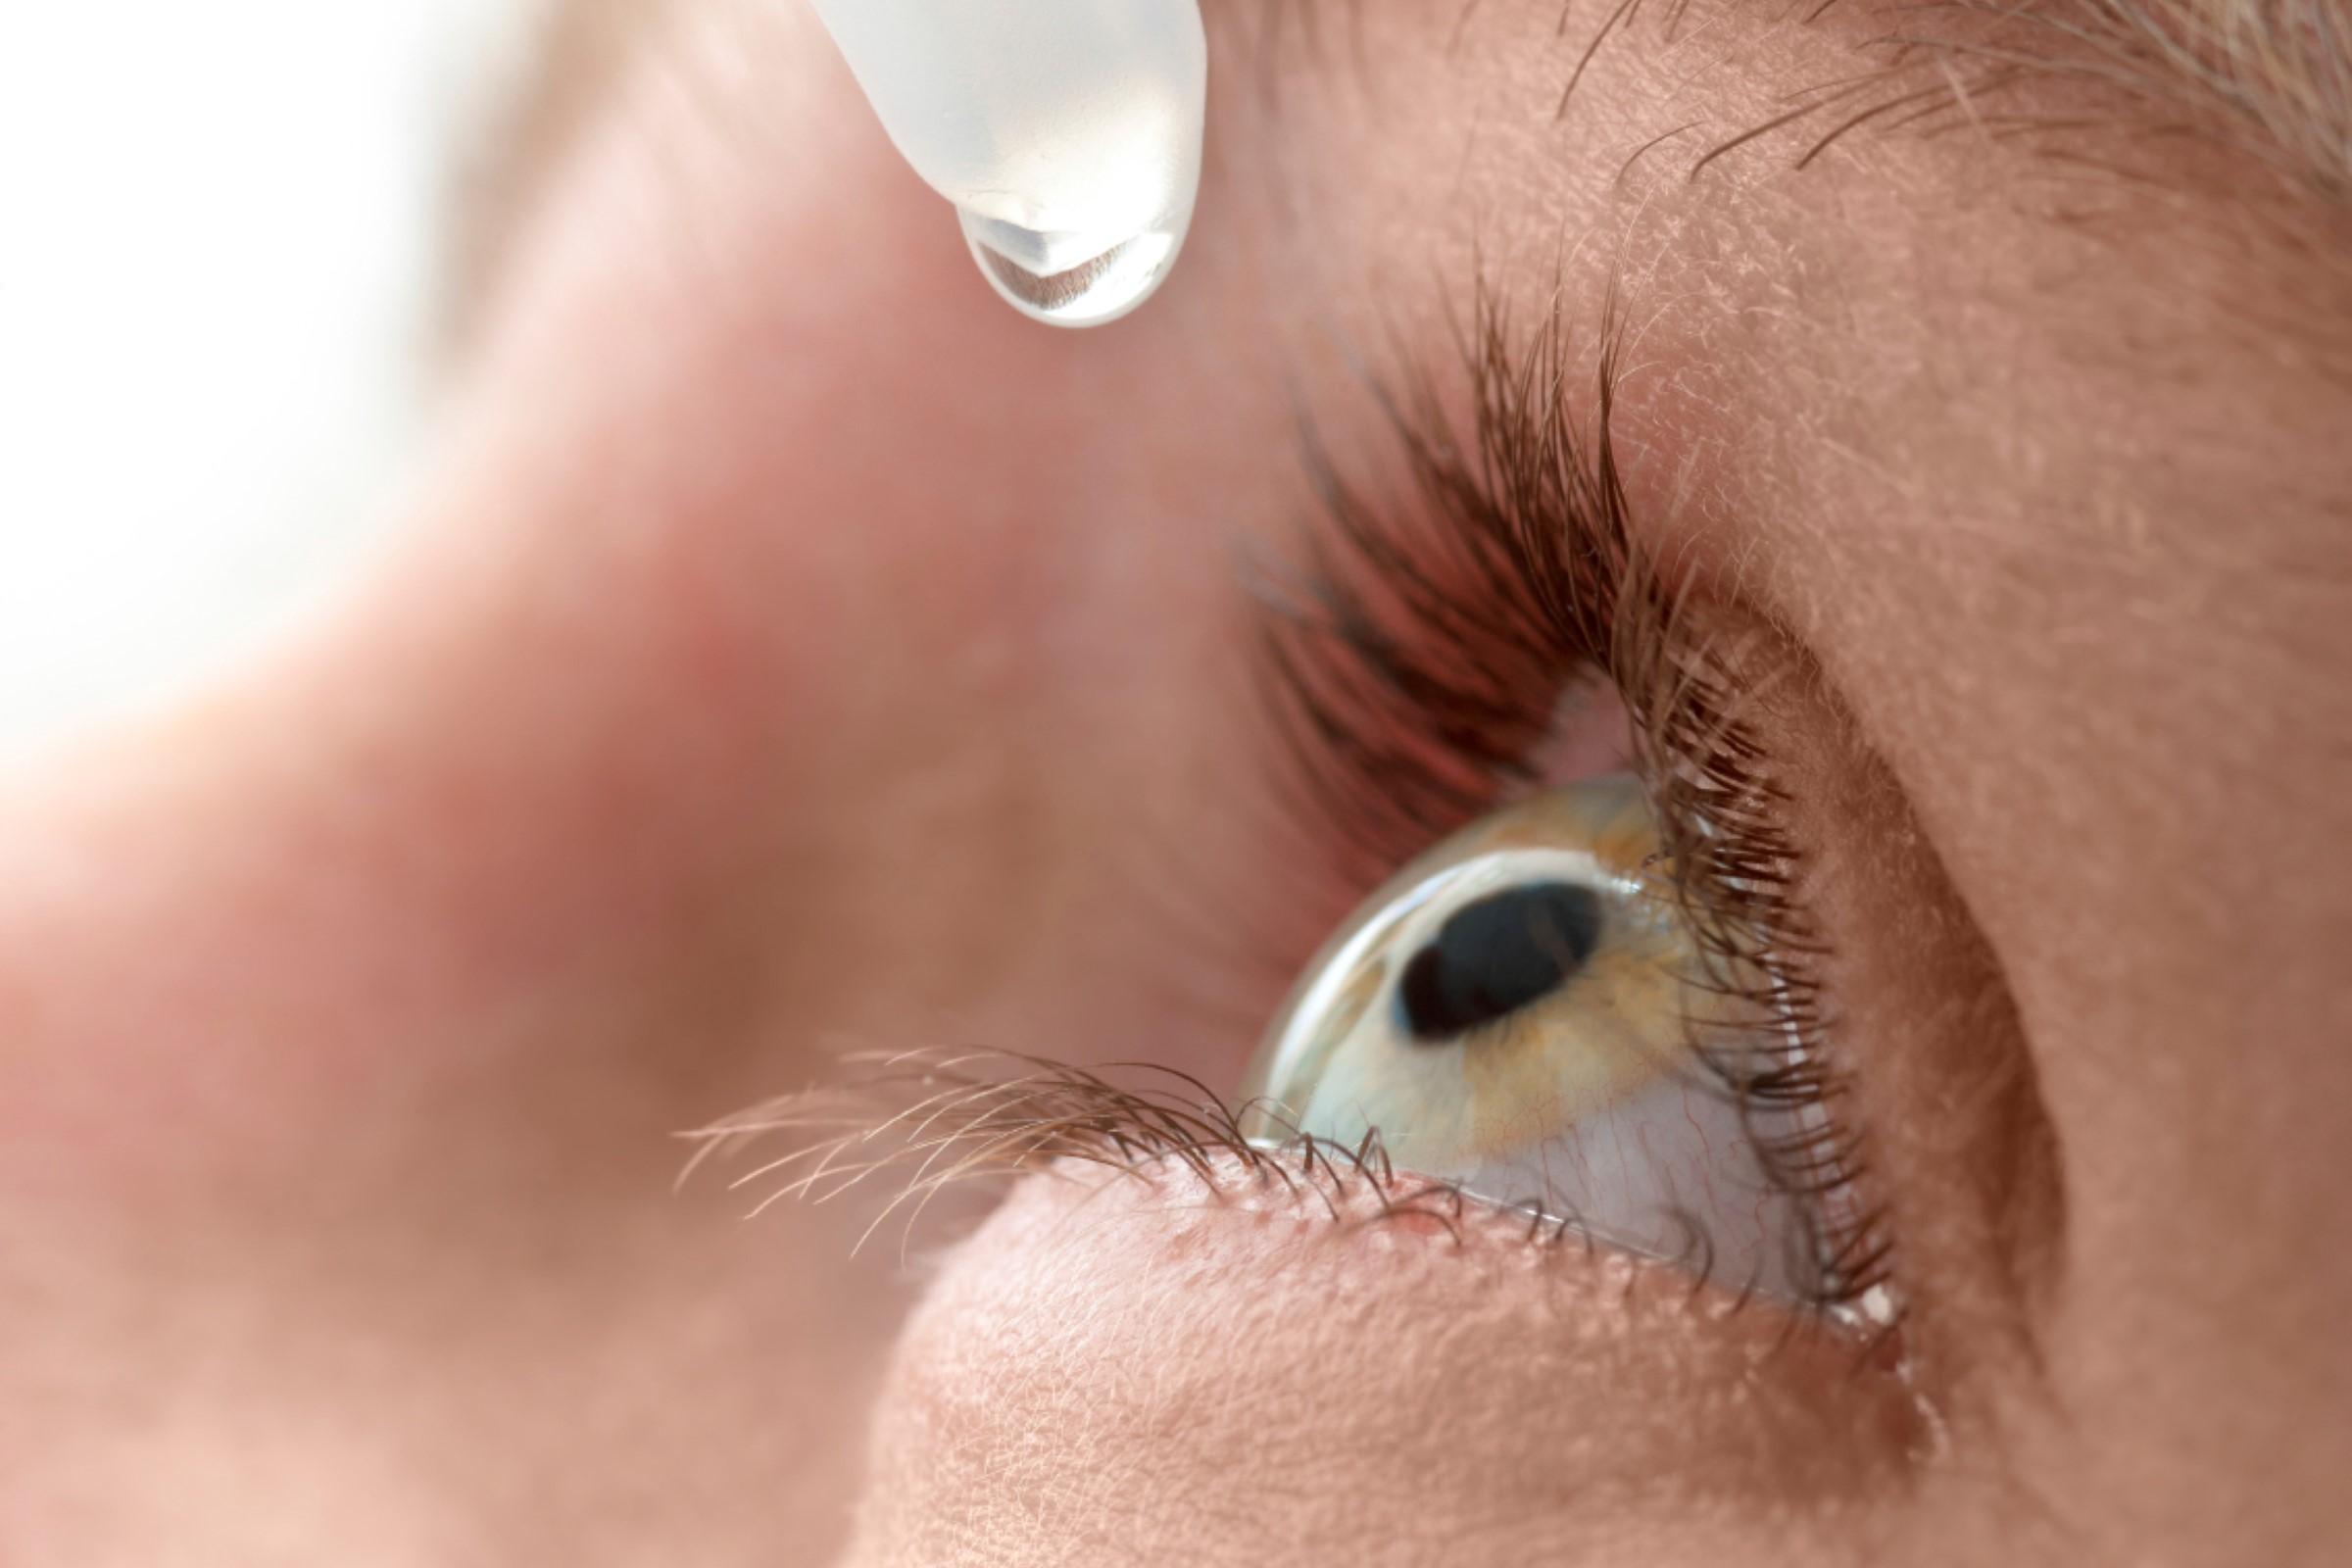 Nærbilde av en person som bruker øyedråper